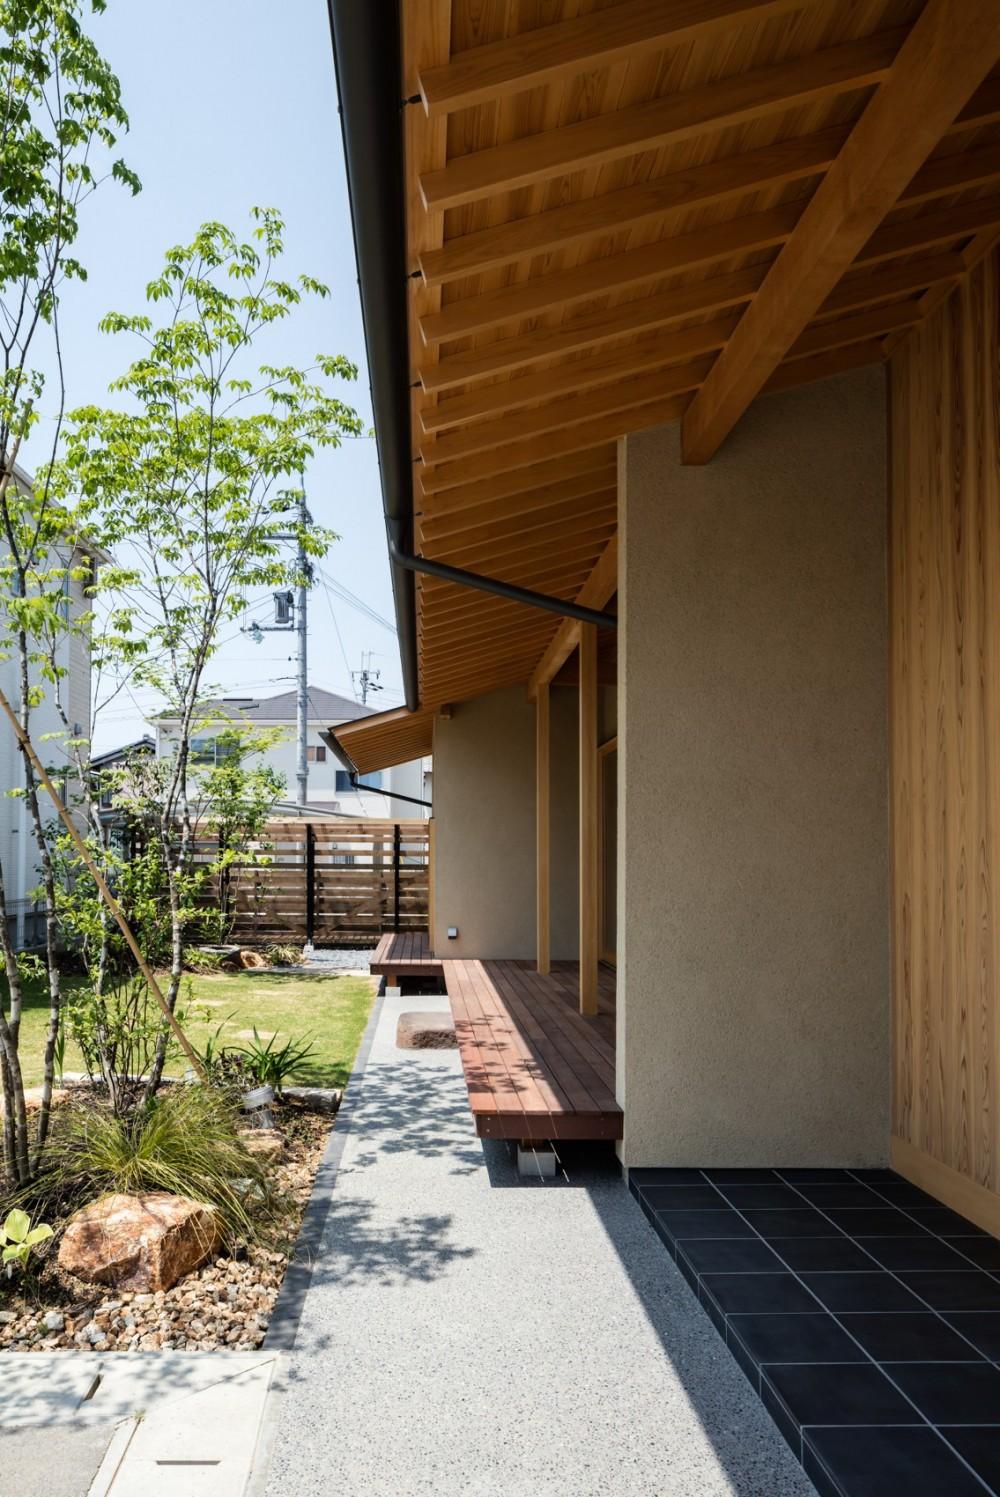 眺望とお庭を楽しむ|火のある暮らしを楽しむ住まい 天理の家 (連続する軒下空間)